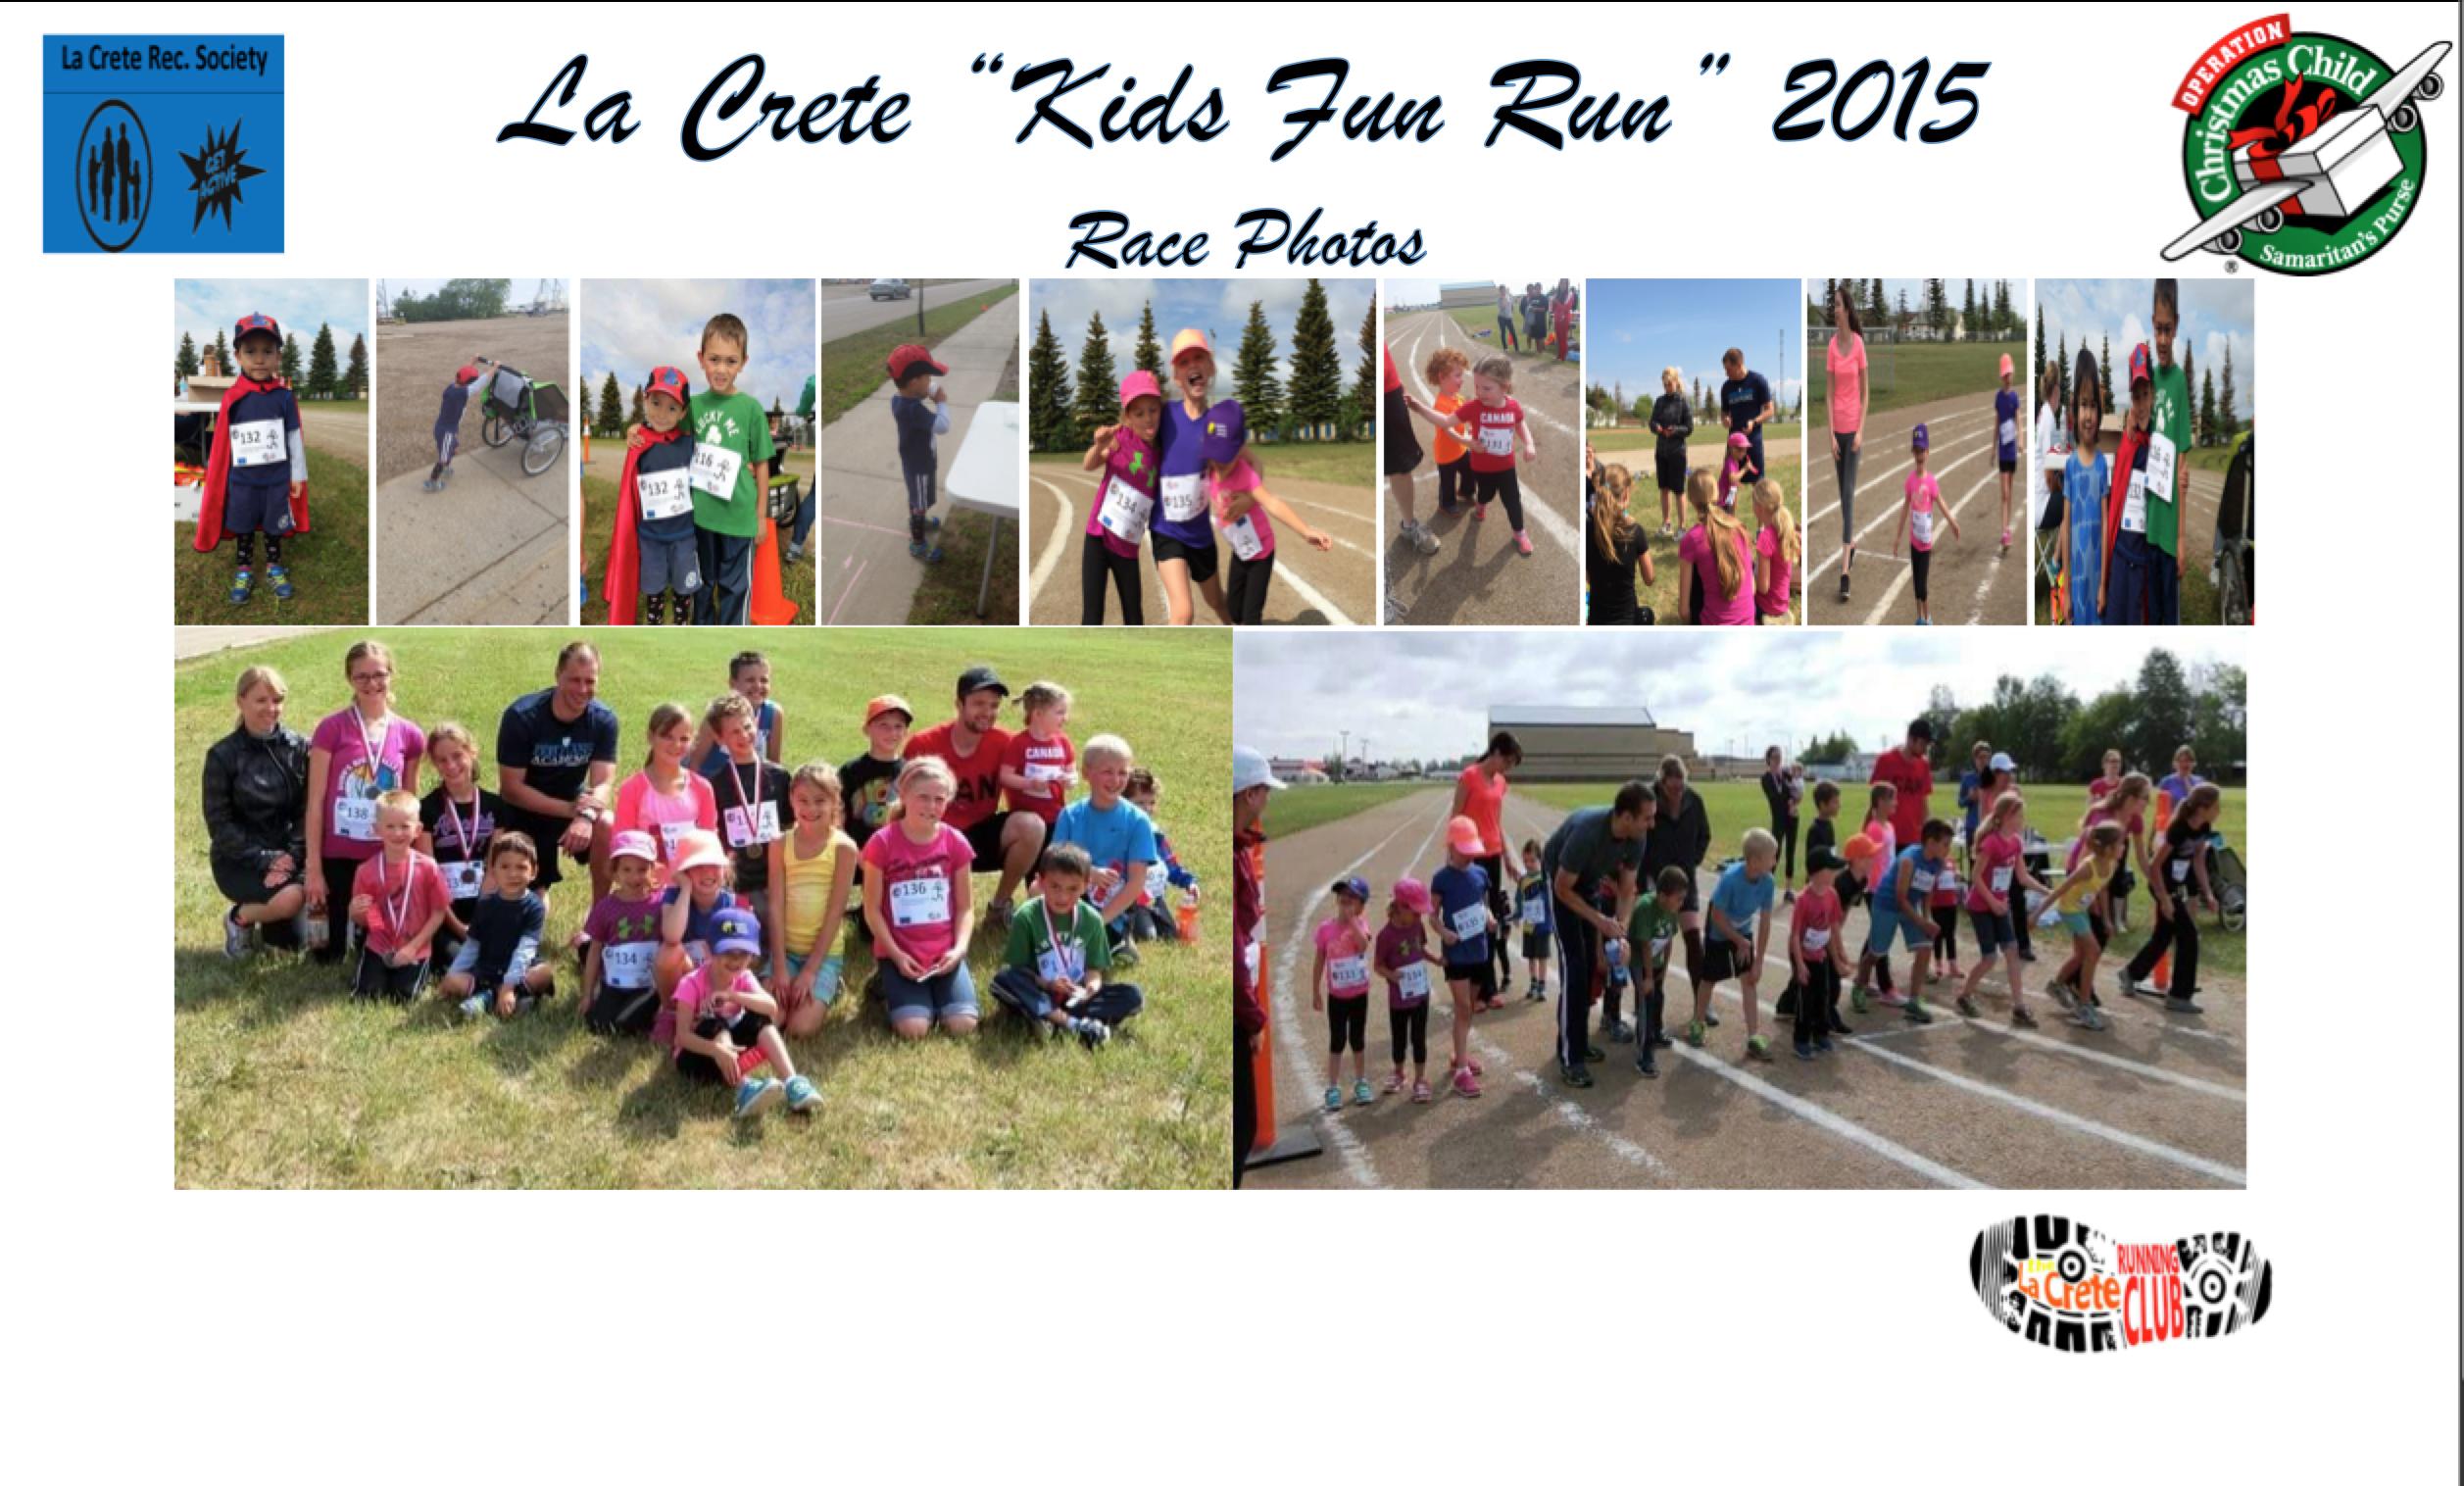 La Crete Kids FR poster 2015